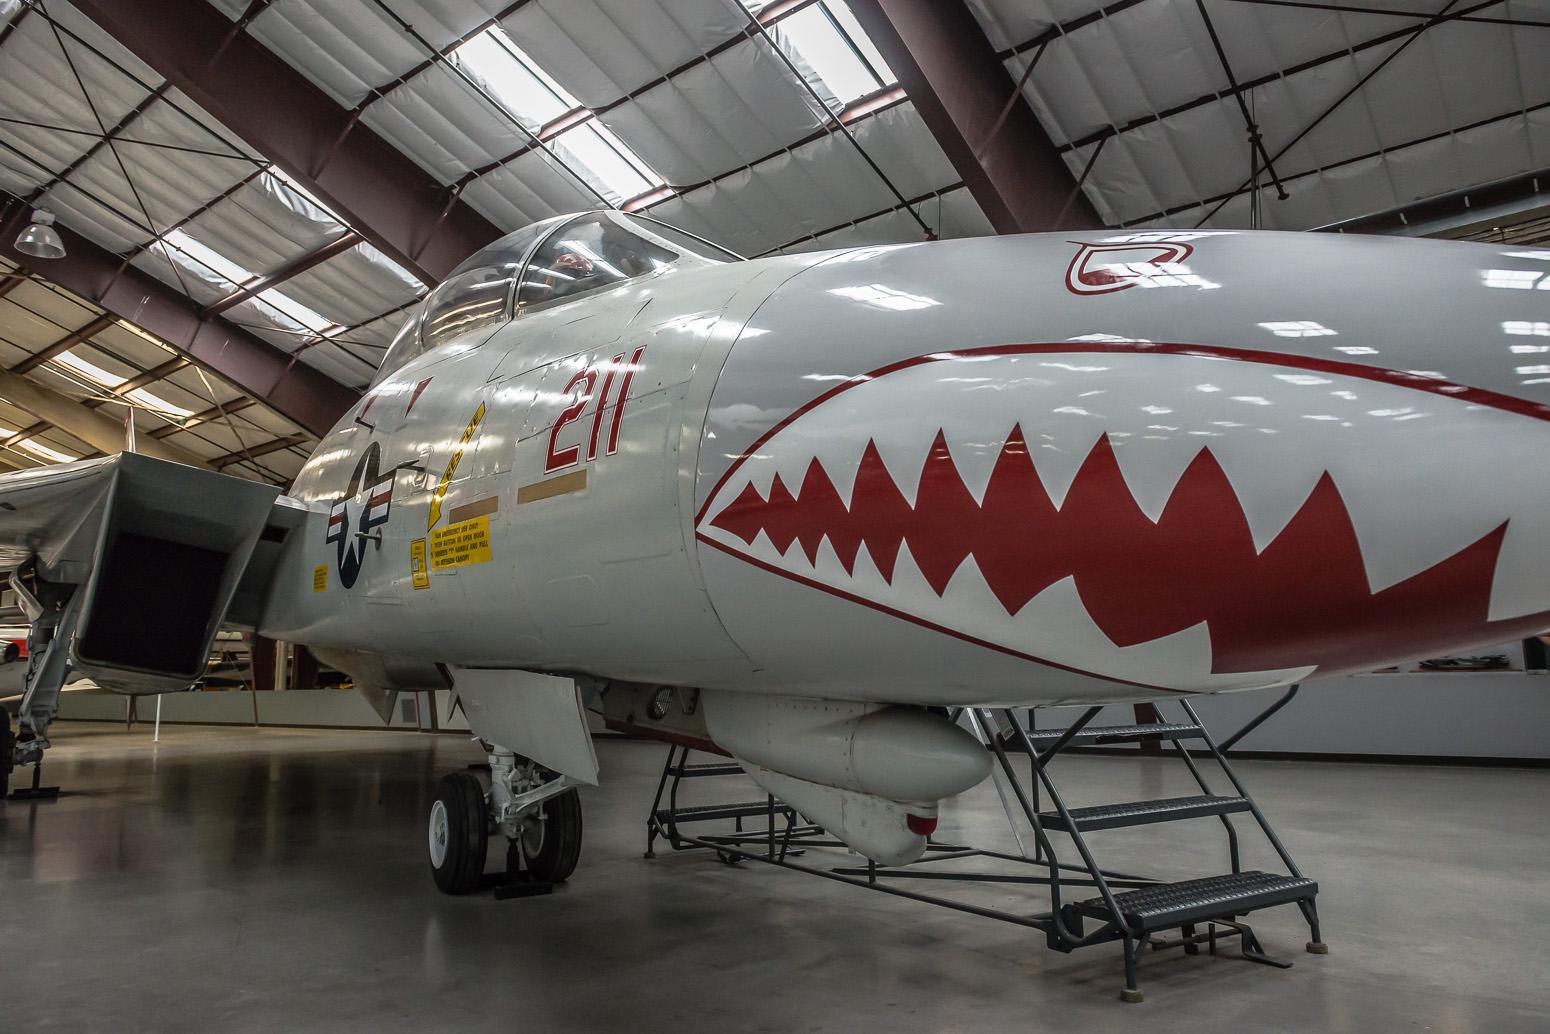 F-14 Tomcat, Pima Air & Space Museum , Tucson, USA